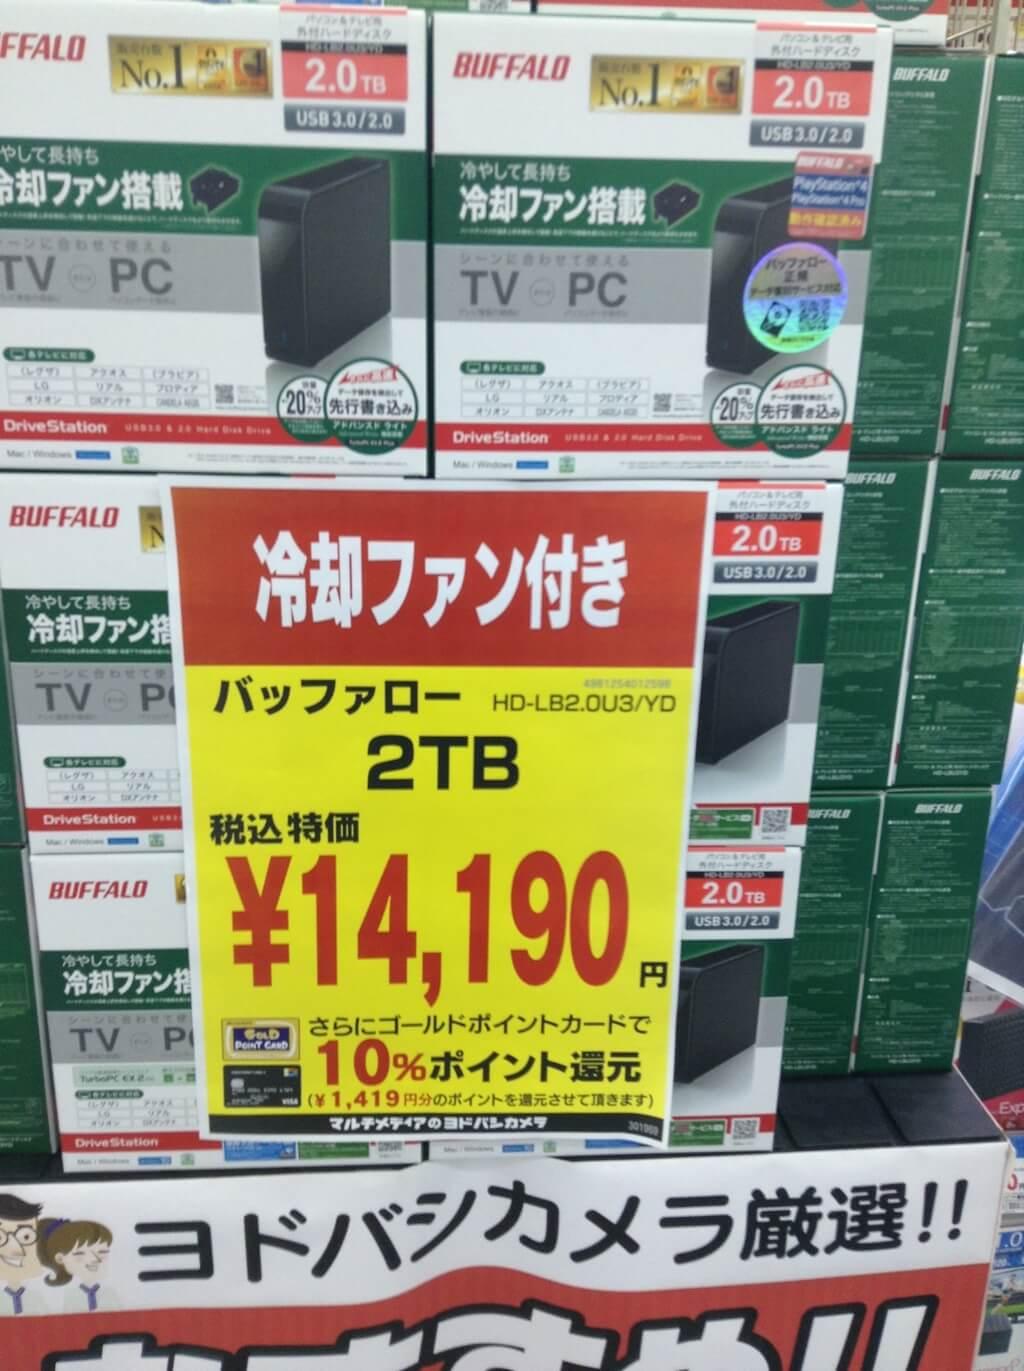 ヨドバシカメラ buffalo製 2TB HDD価格